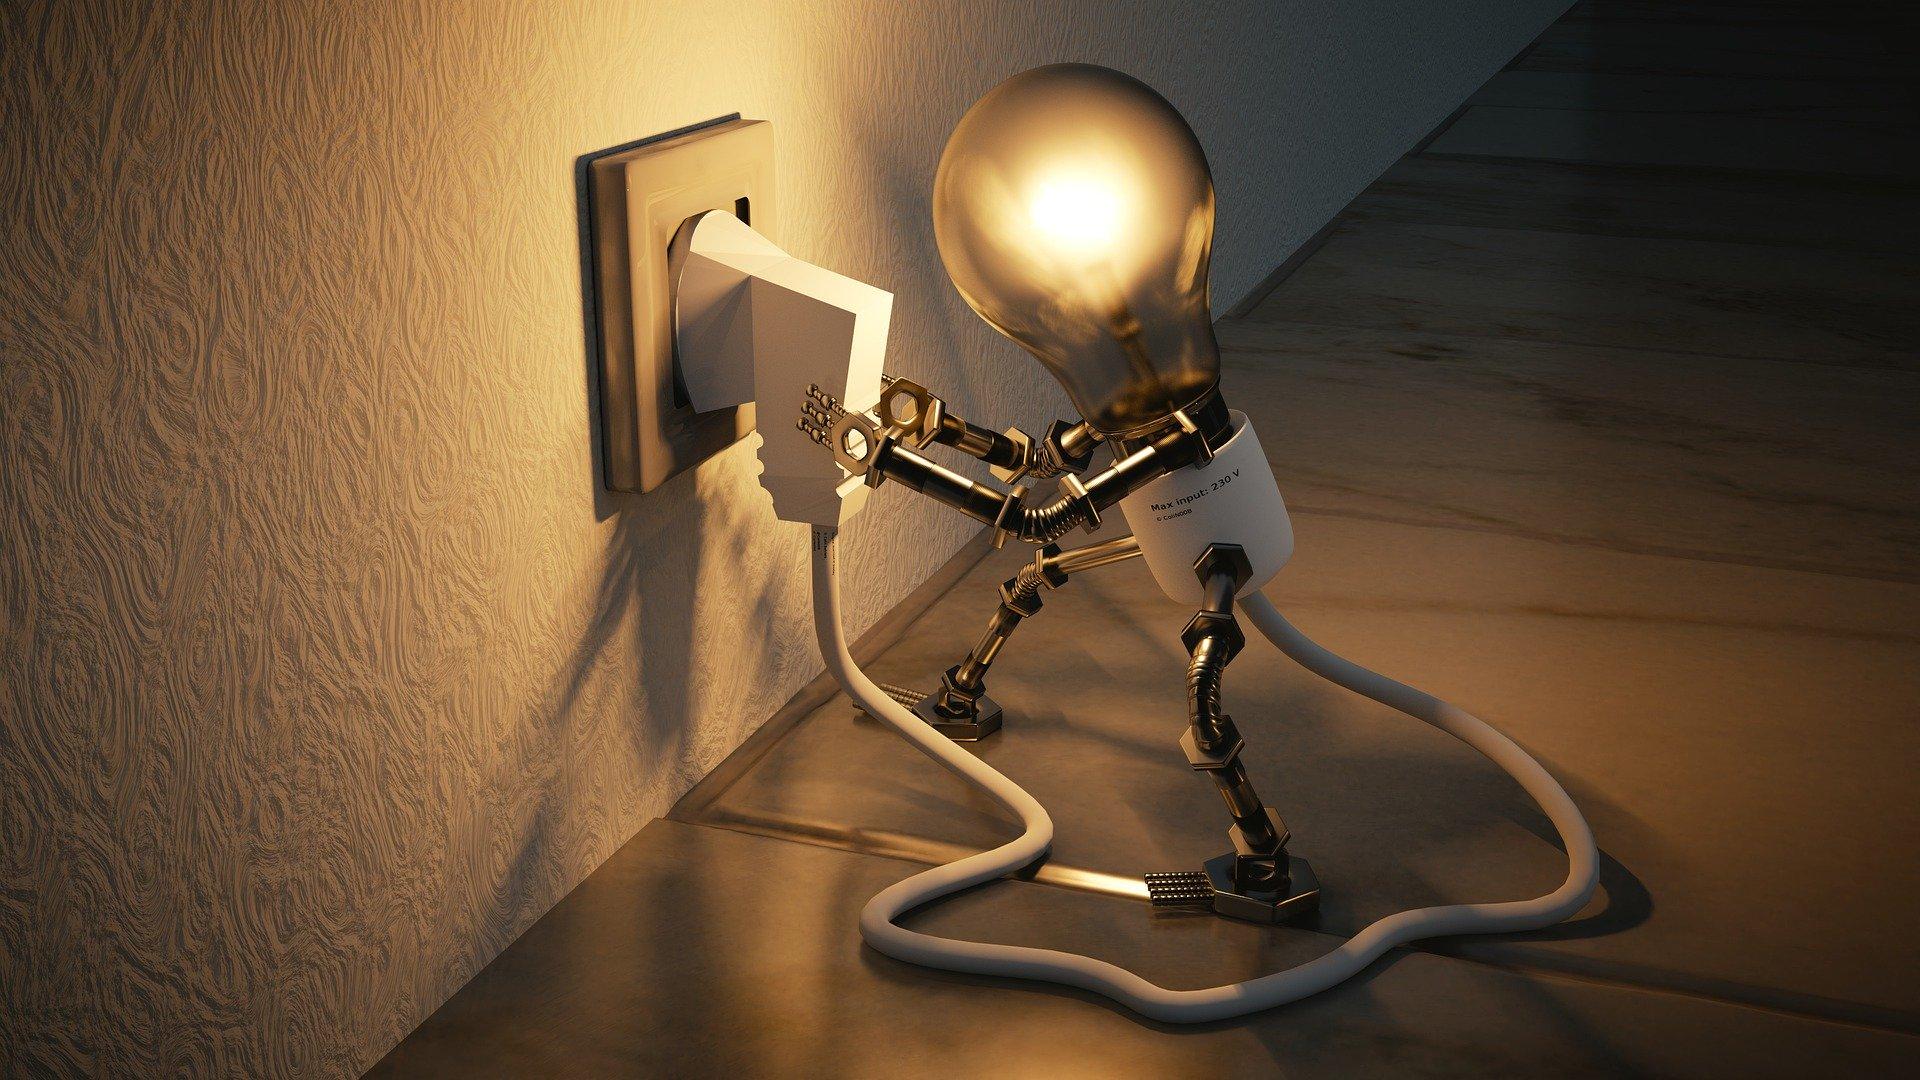 make lighting fun